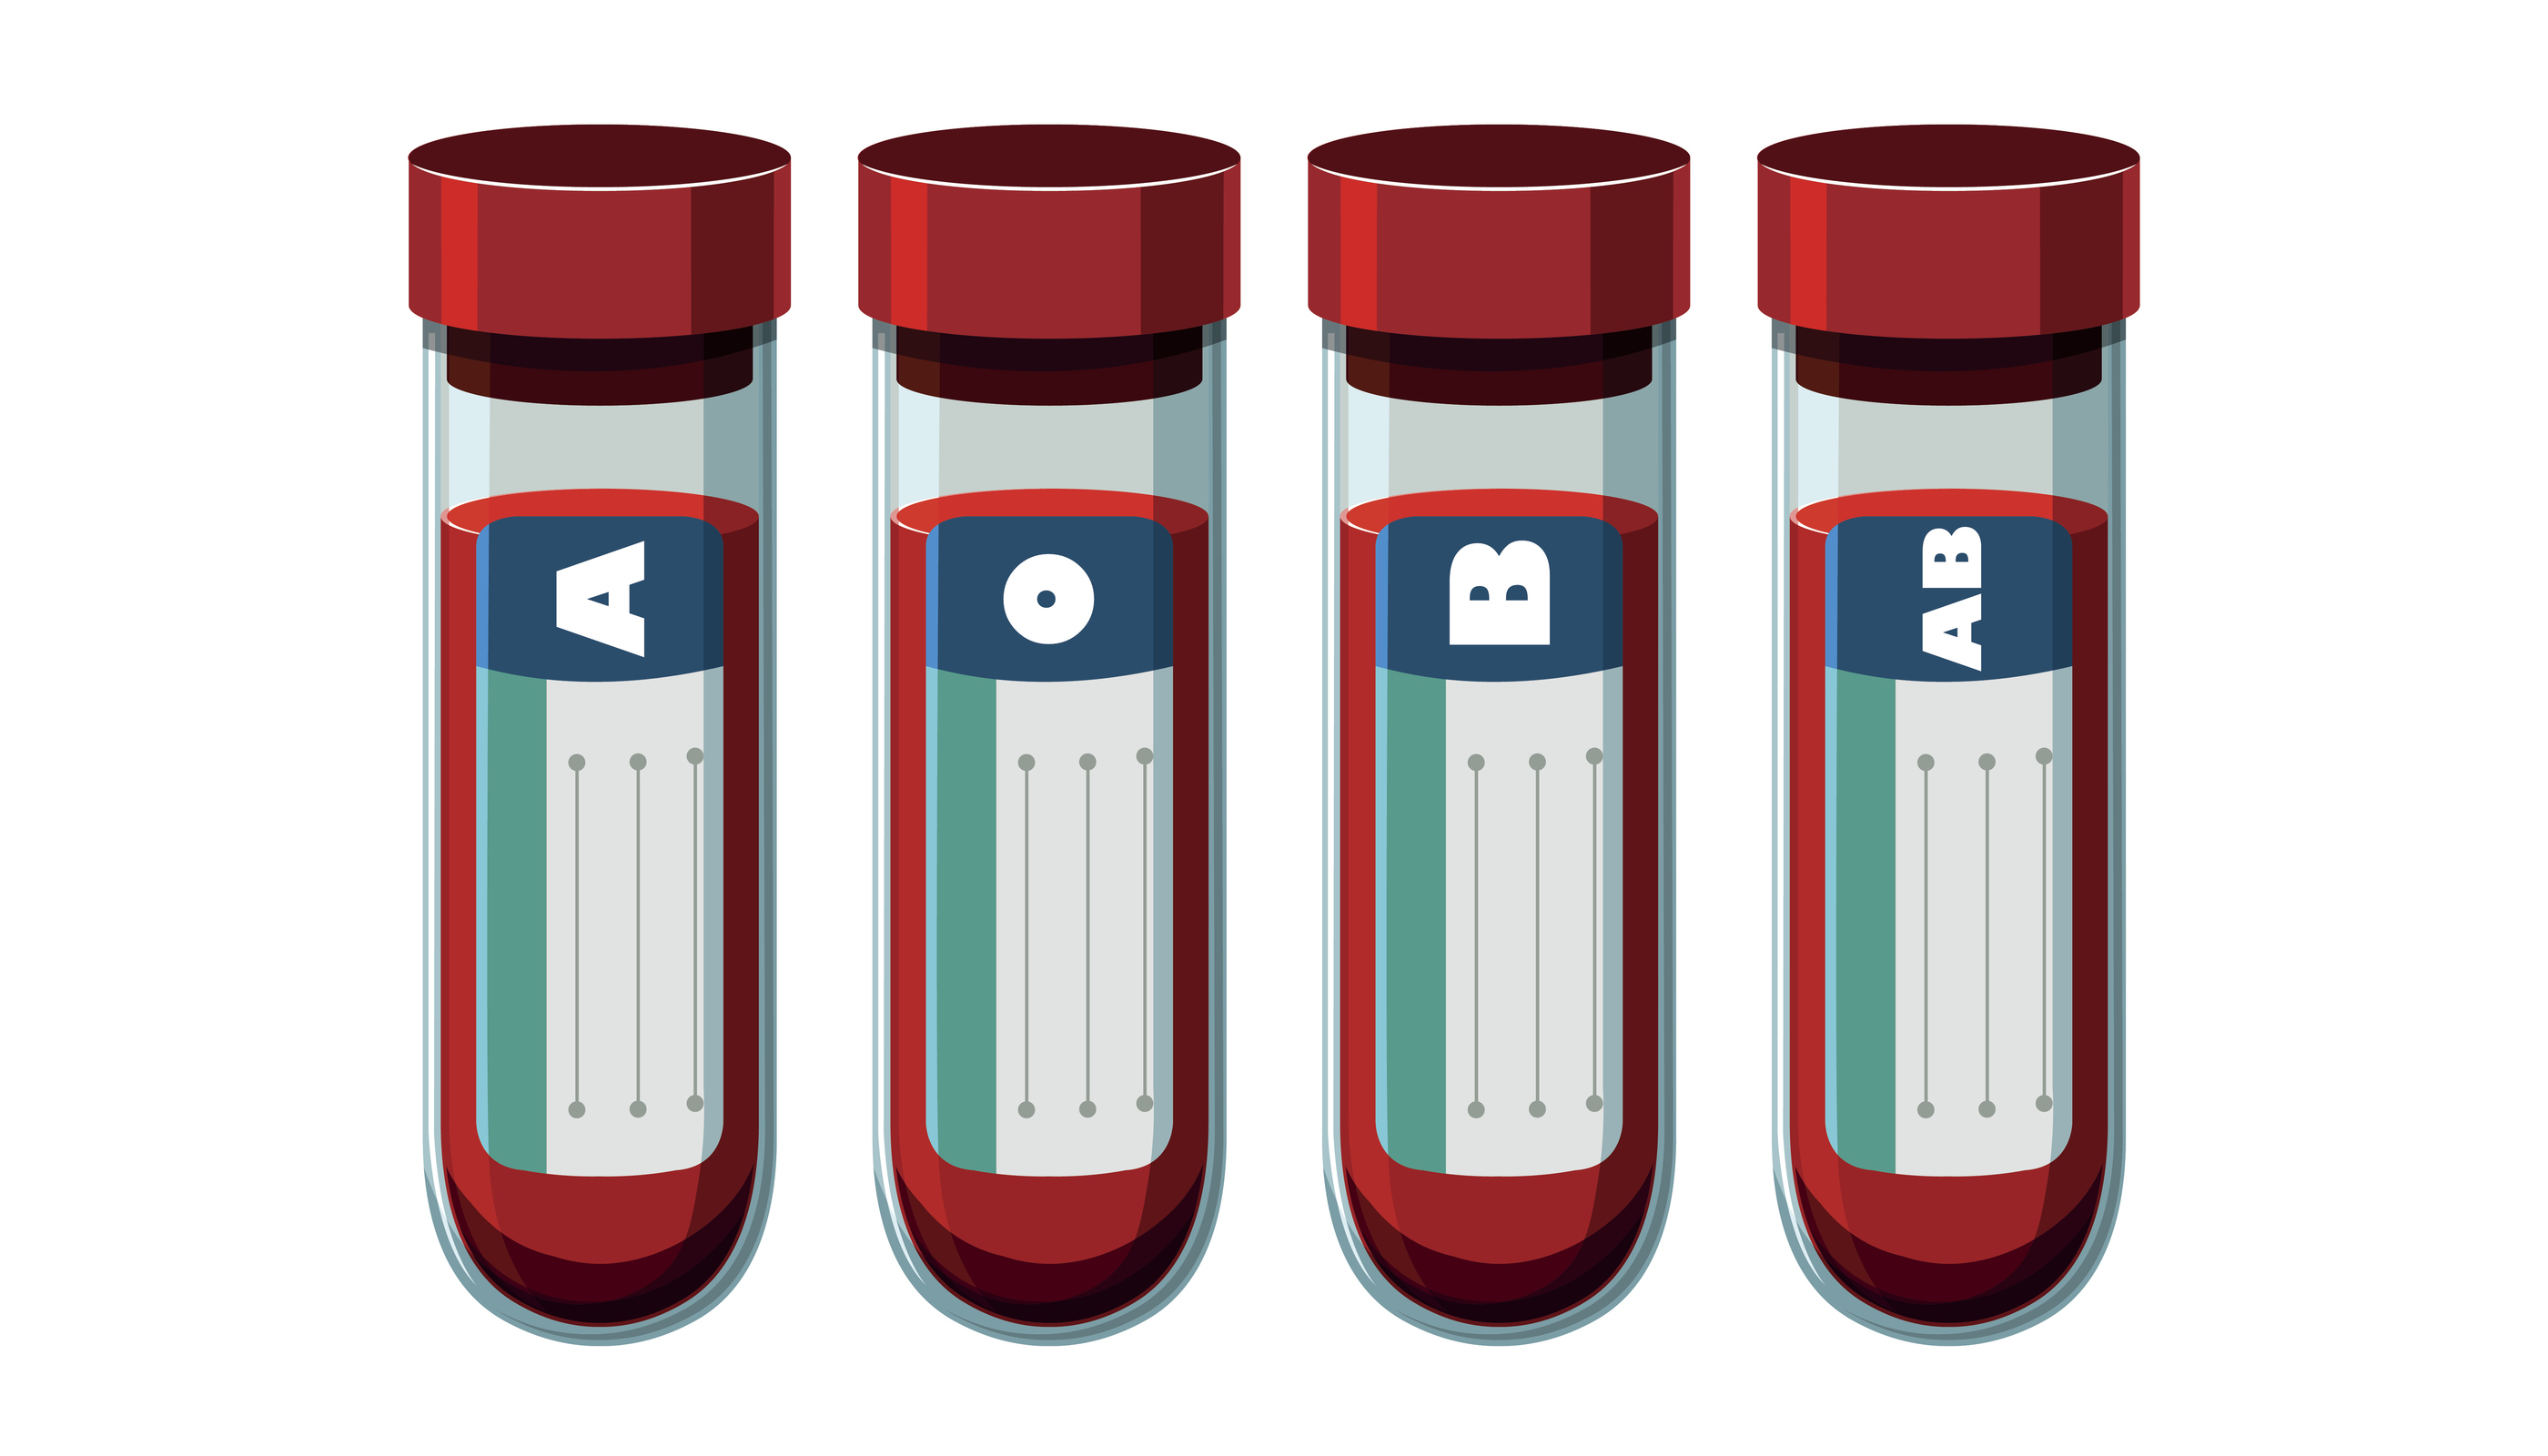 Vércsoport szerinti táplálkozás: tudomány vagy átverés?